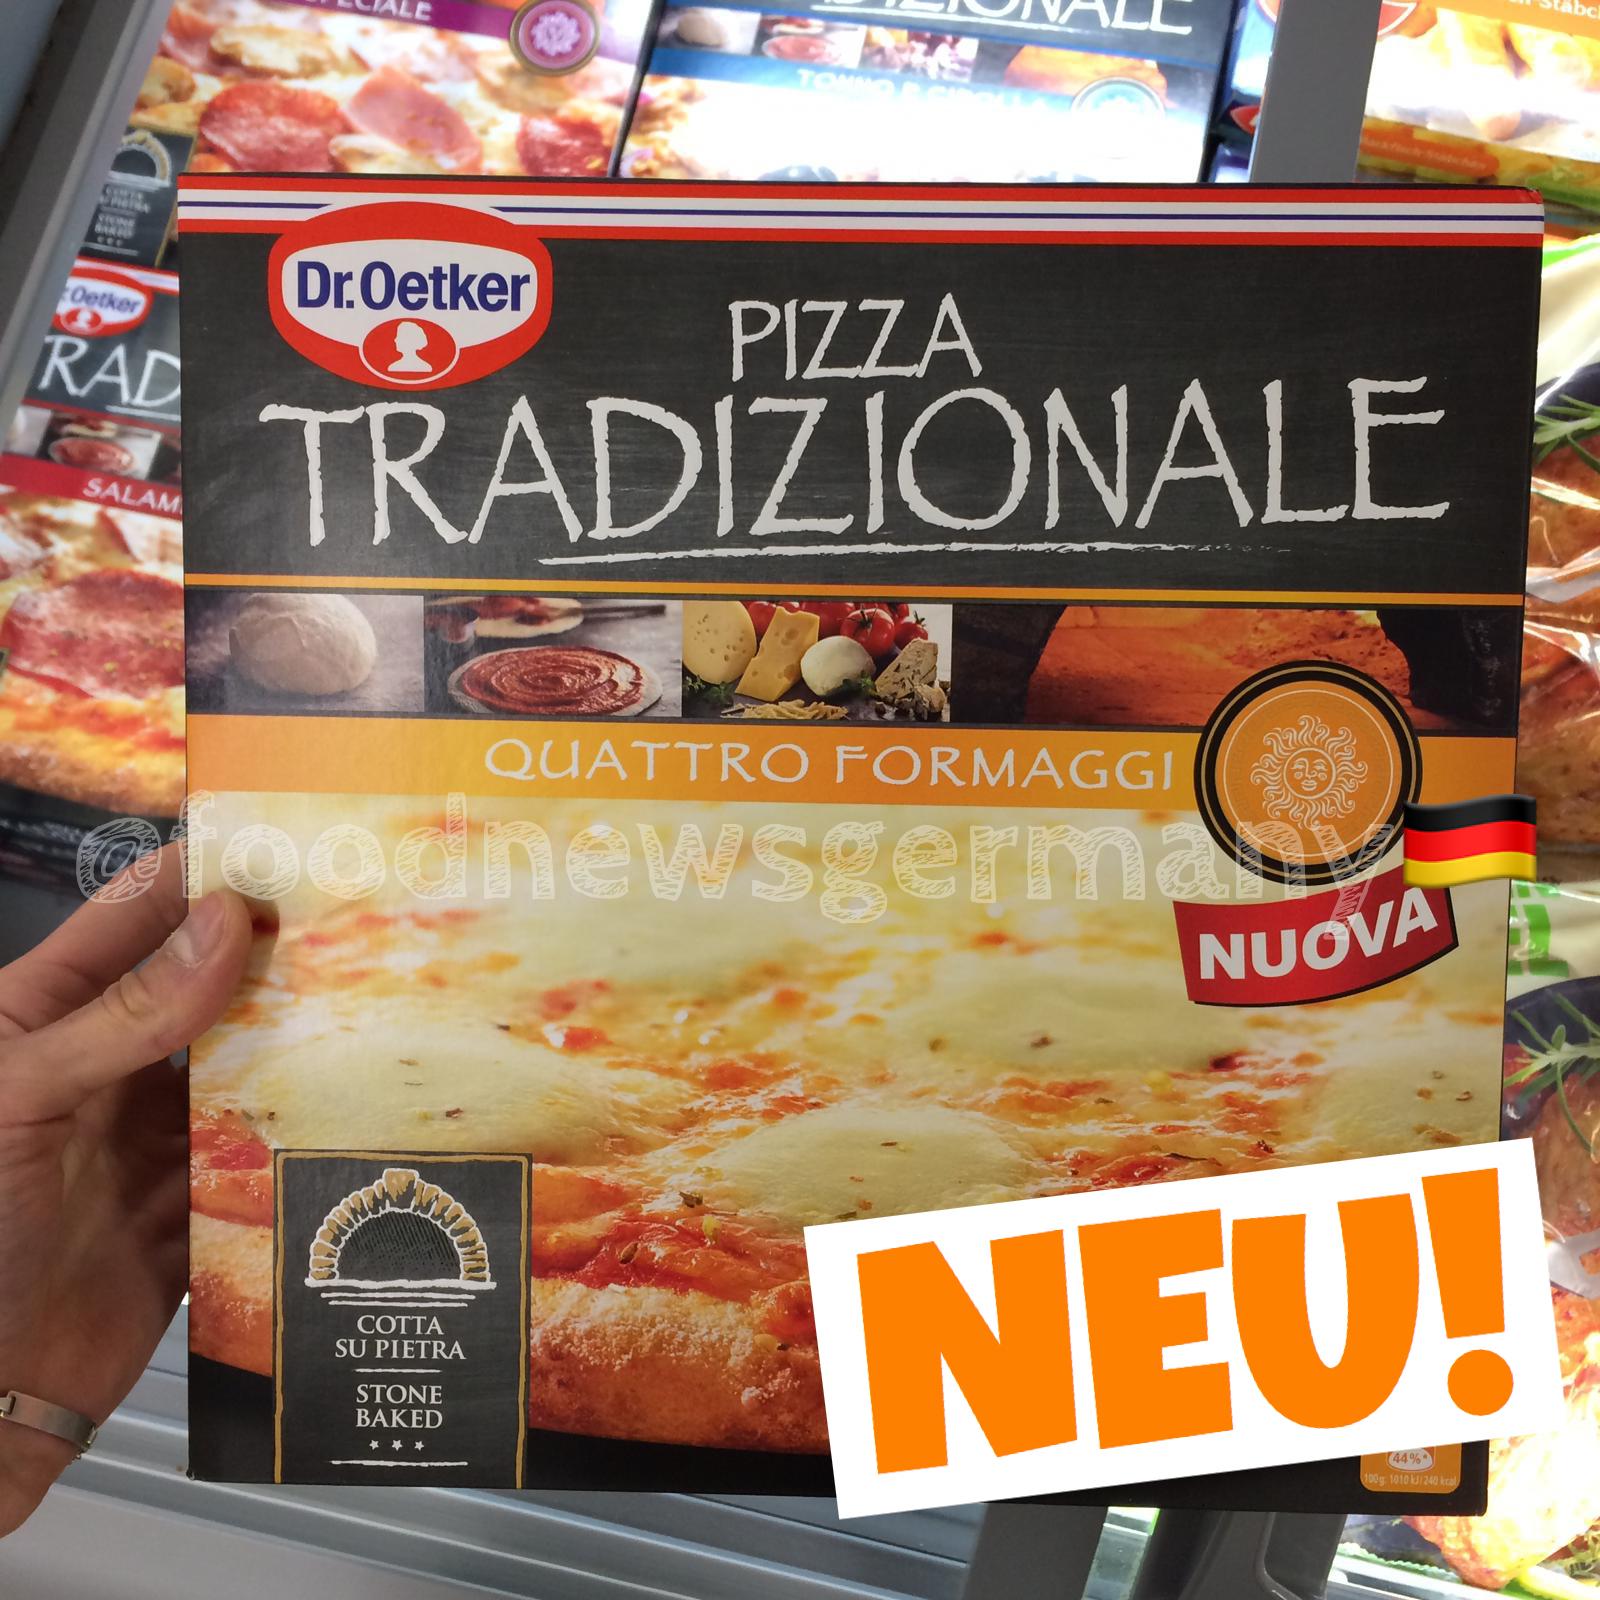 Dr.Oetker Pizza Tradizionale Quattro Formaggi